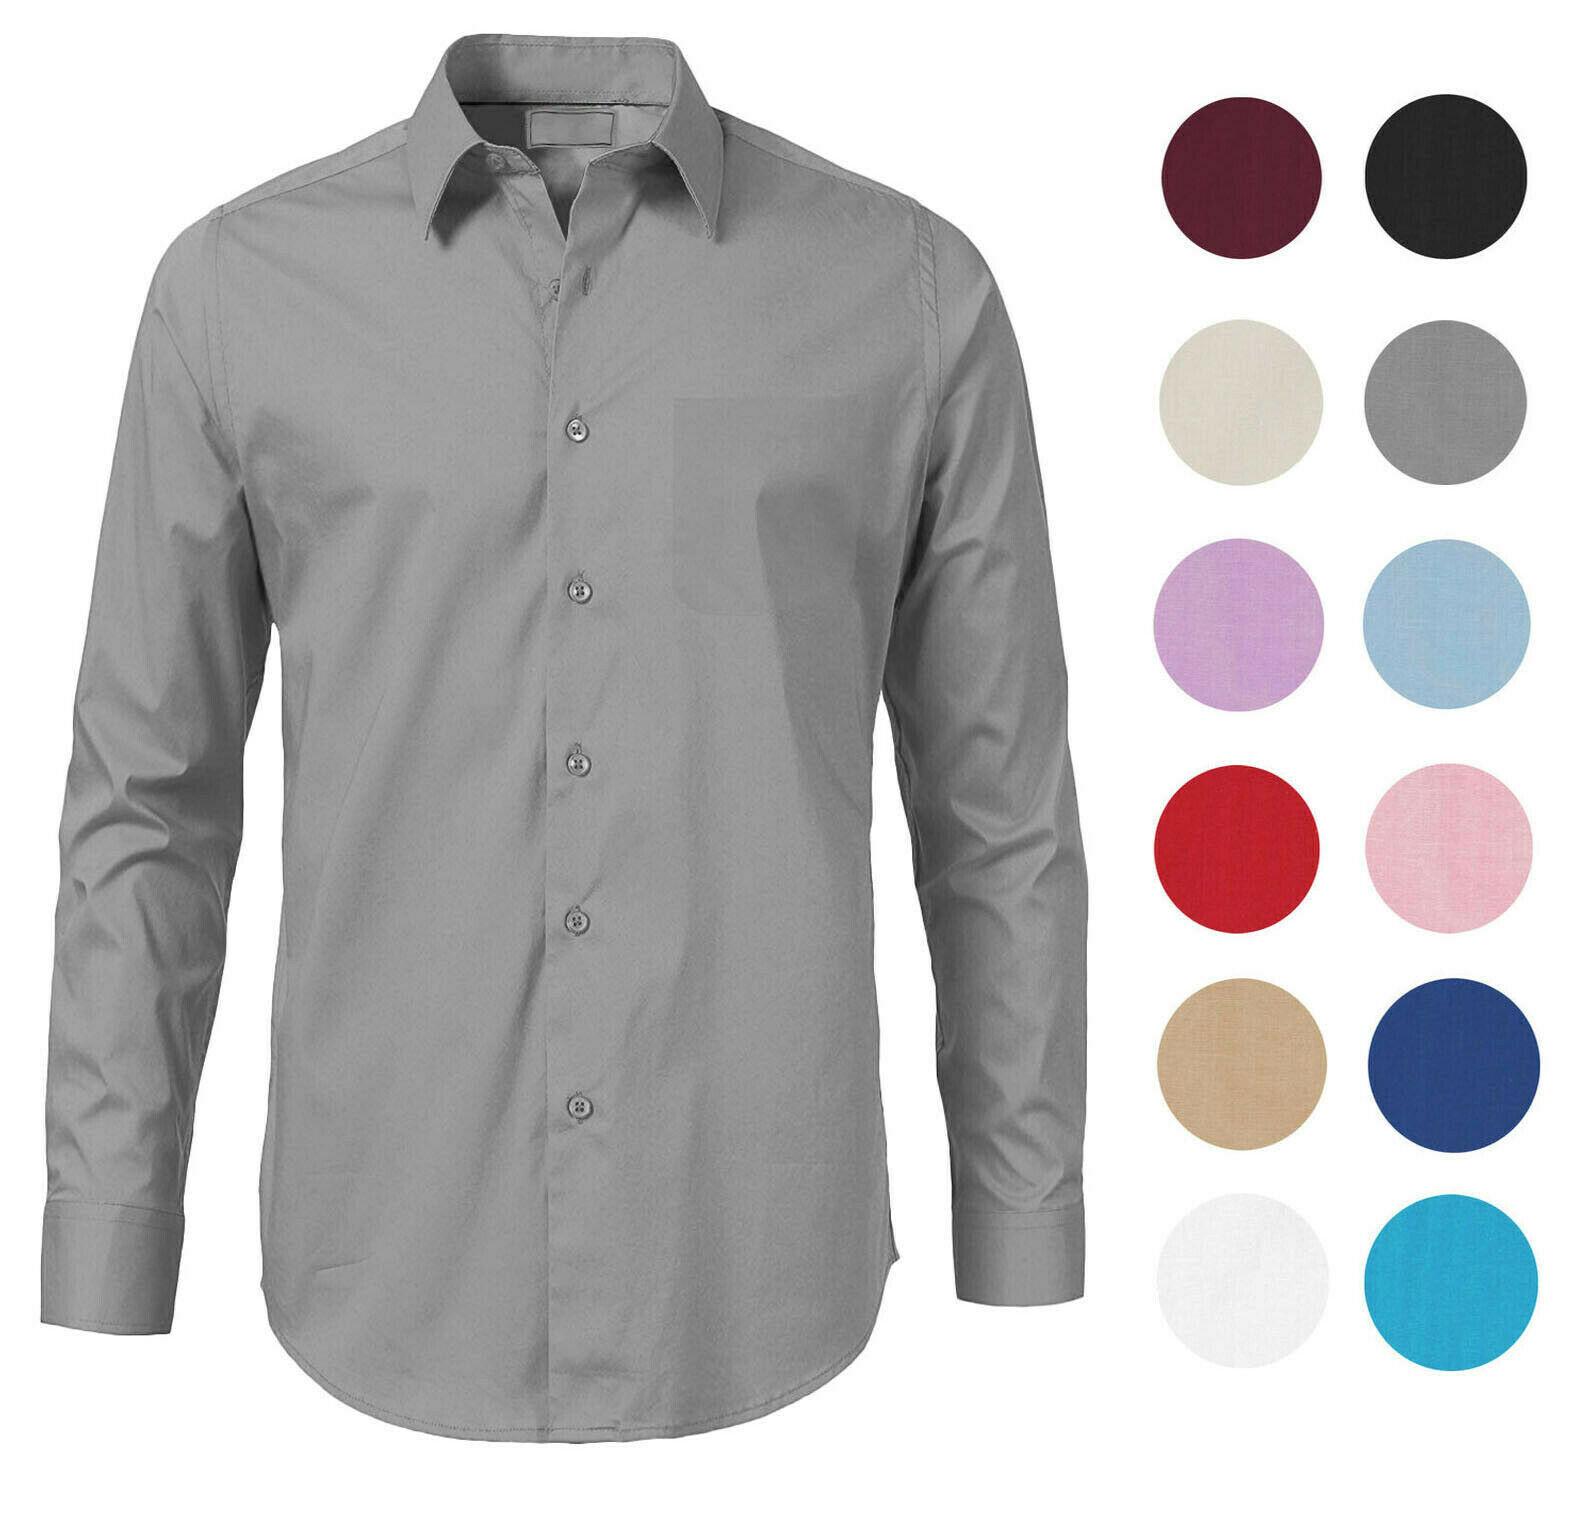 Men's Solid Long Sleeve Formal Button Up Standard Barrel Cuff Dress Shirt